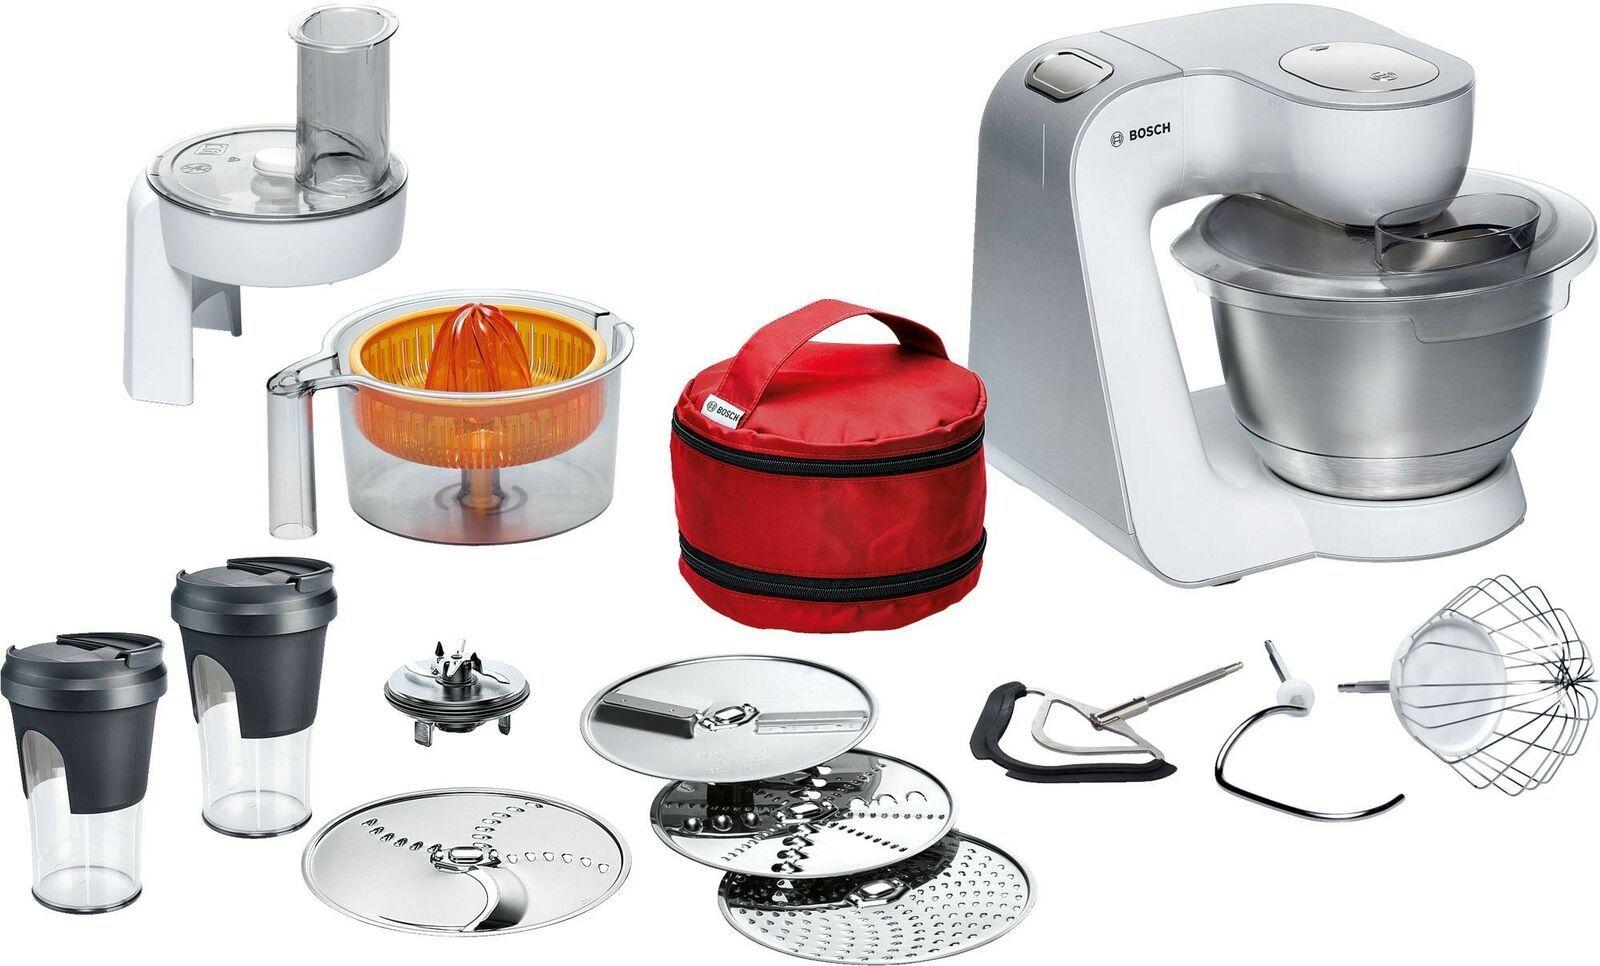 [ebay] Bosch MUM58W56DE CreationLine Küchenmaschine, weiß, 1000 Watt, EasyArmLift für 219,90 Euro inkl. Versand